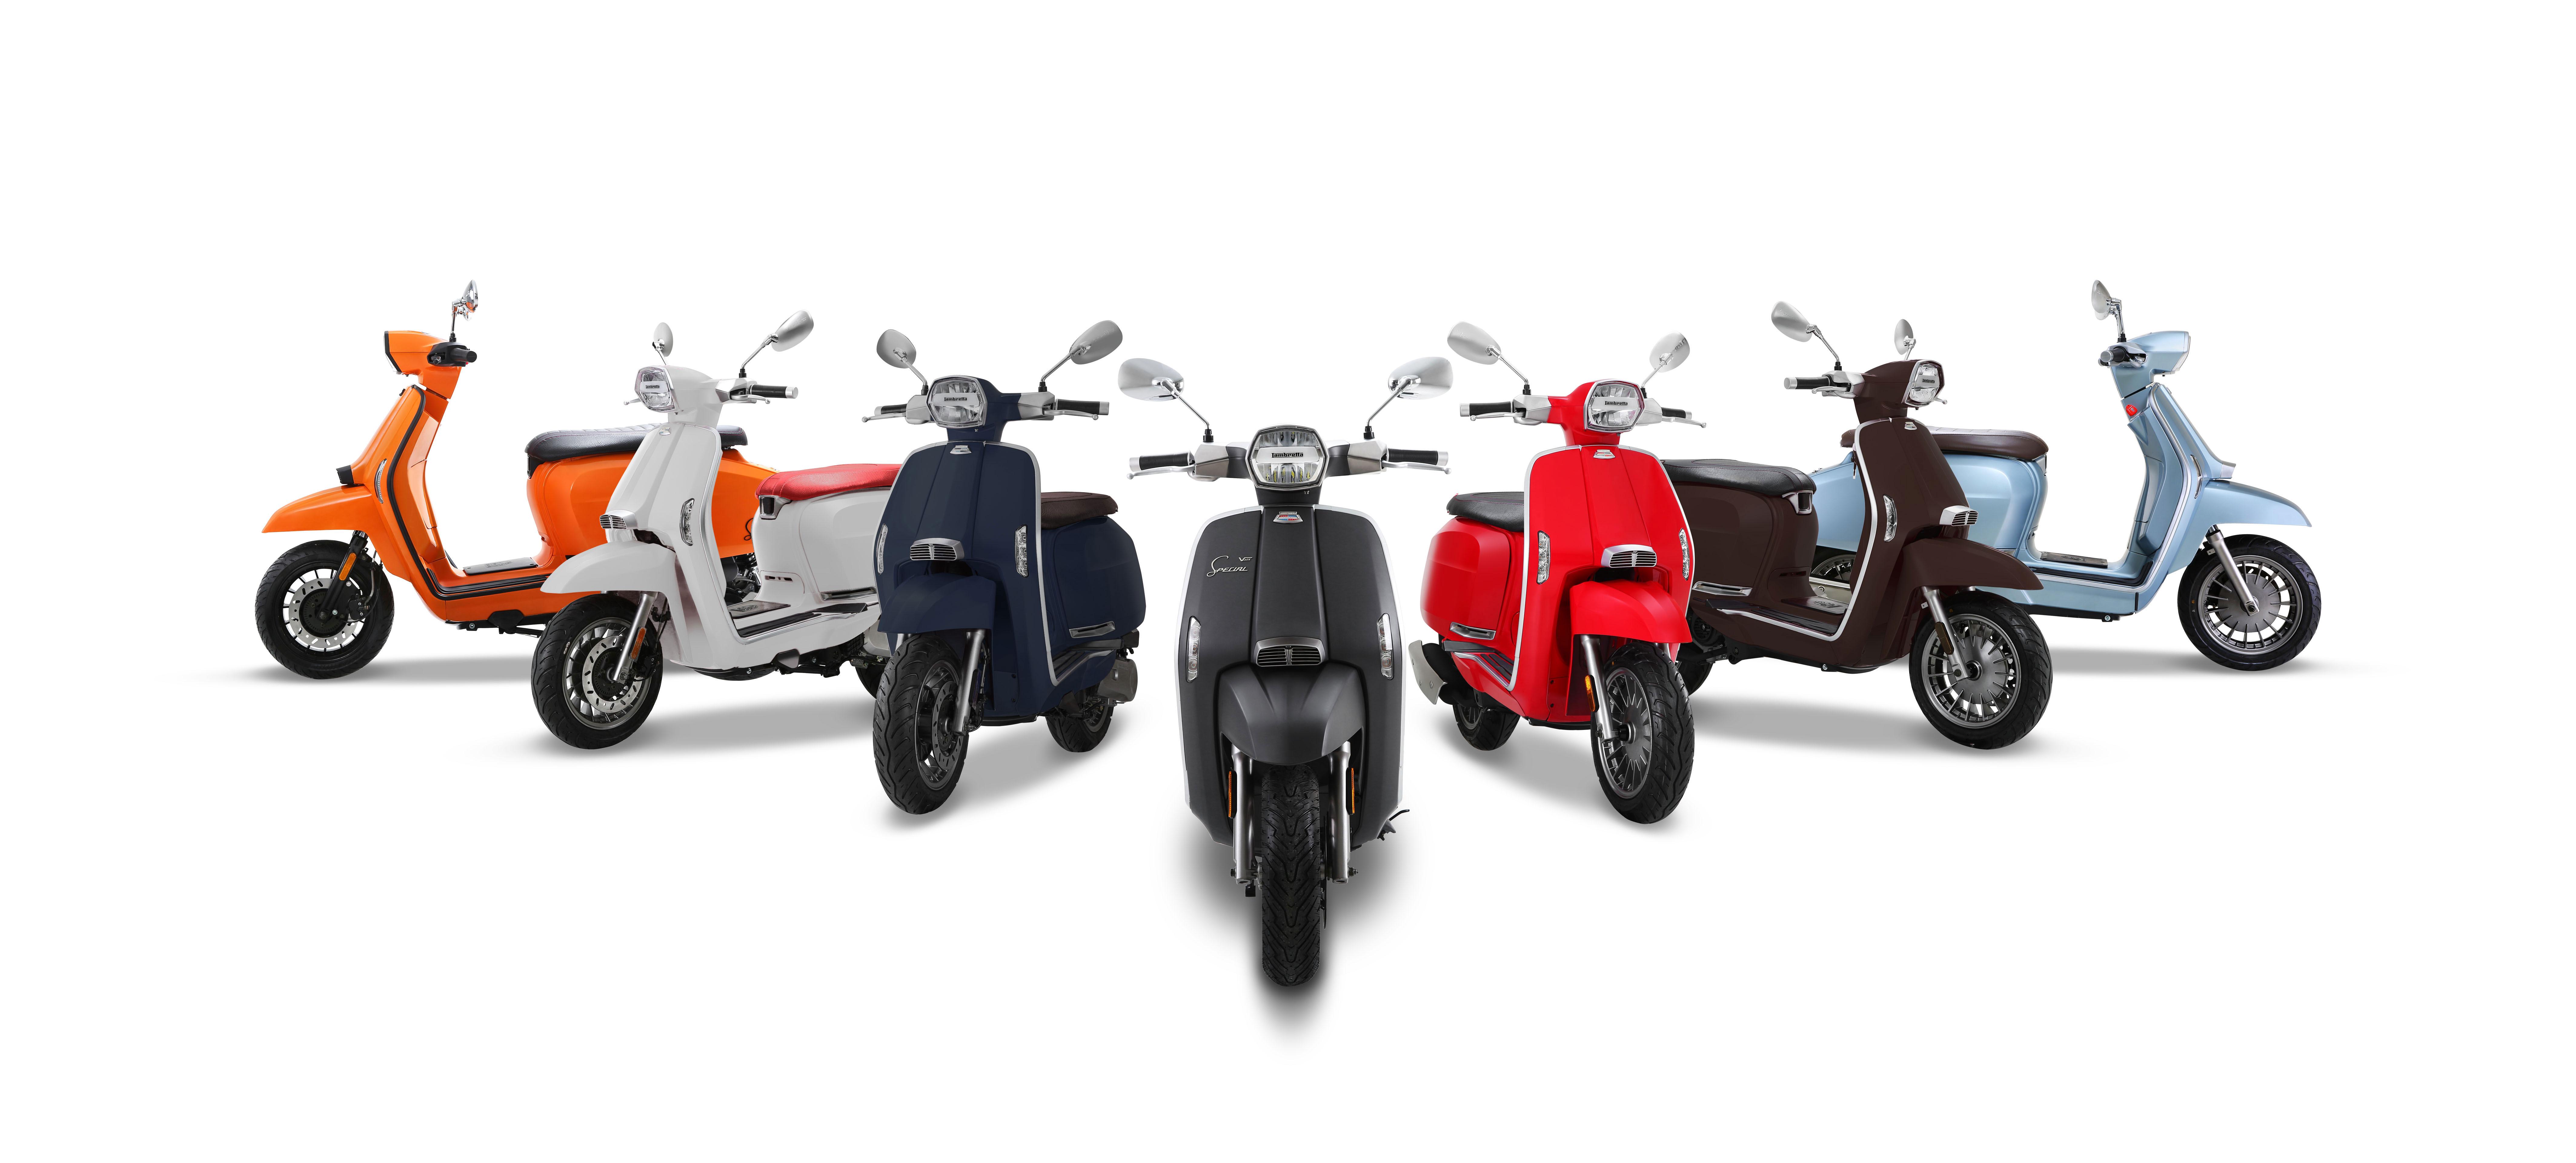 Xe-tay-ga-dinh-dam-Lambretta-quay-tro-lai-Malaysia-anh-4